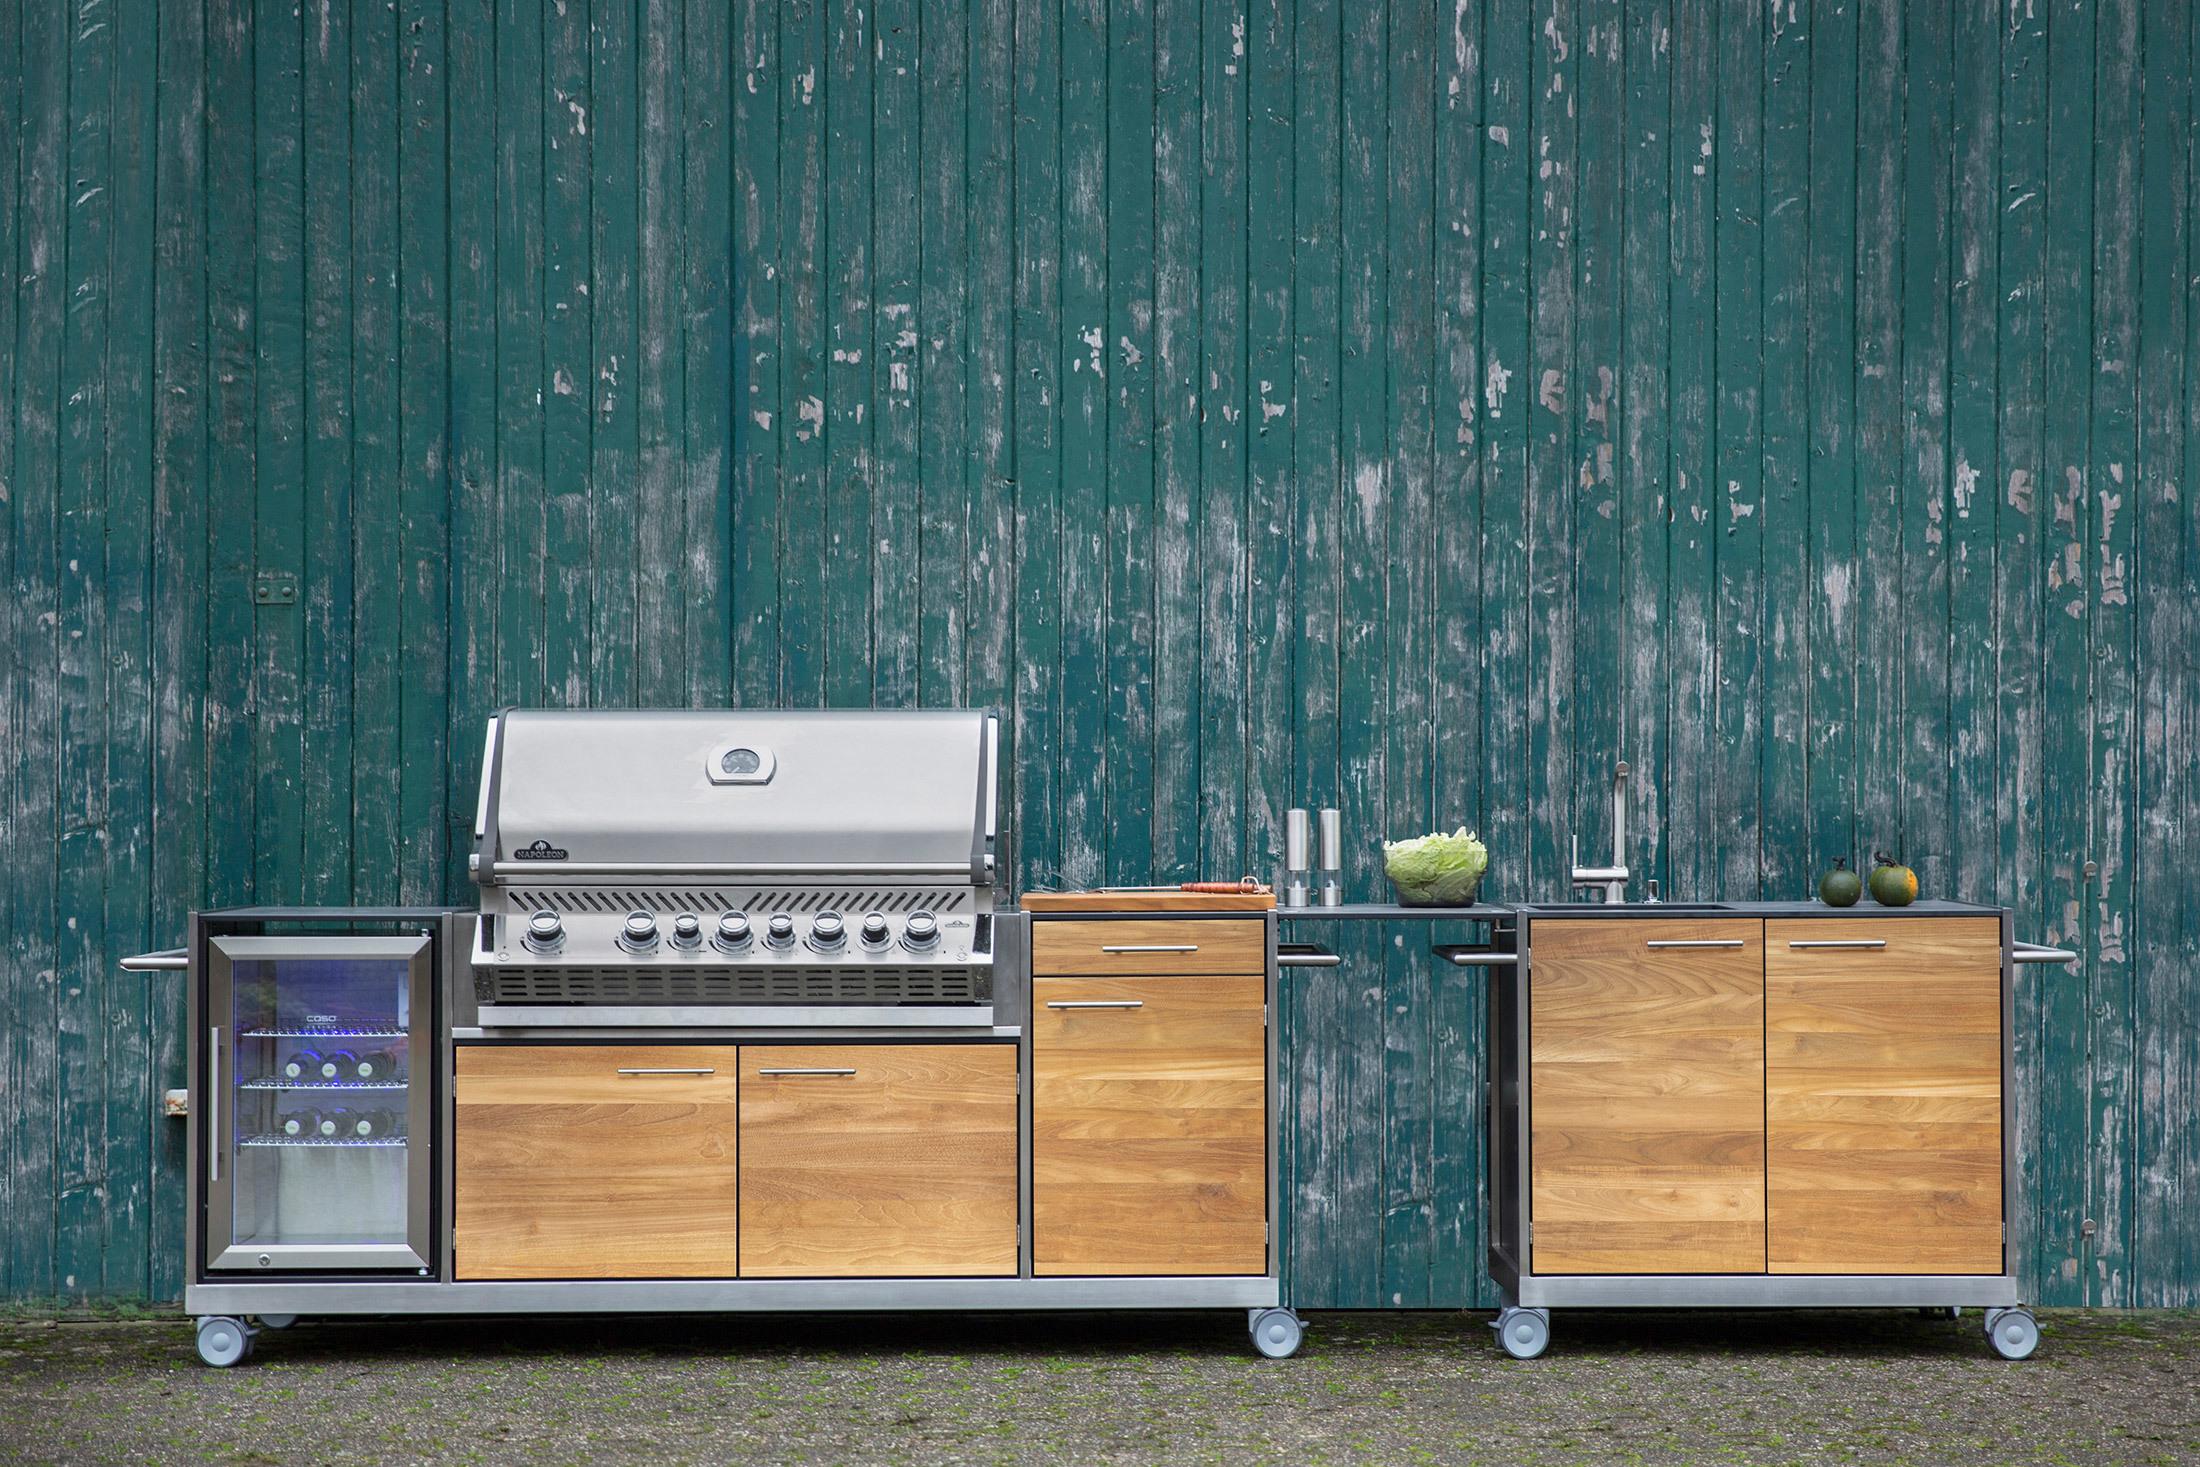 Full Size of Amerikanische Outdoor Küchen Basic Kche Von Niehoff Garden Stylepark Küche Edelstahl Betten Kaufen Regal Amerikanisches Bett Wohnzimmer Amerikanische Outdoor Küchen